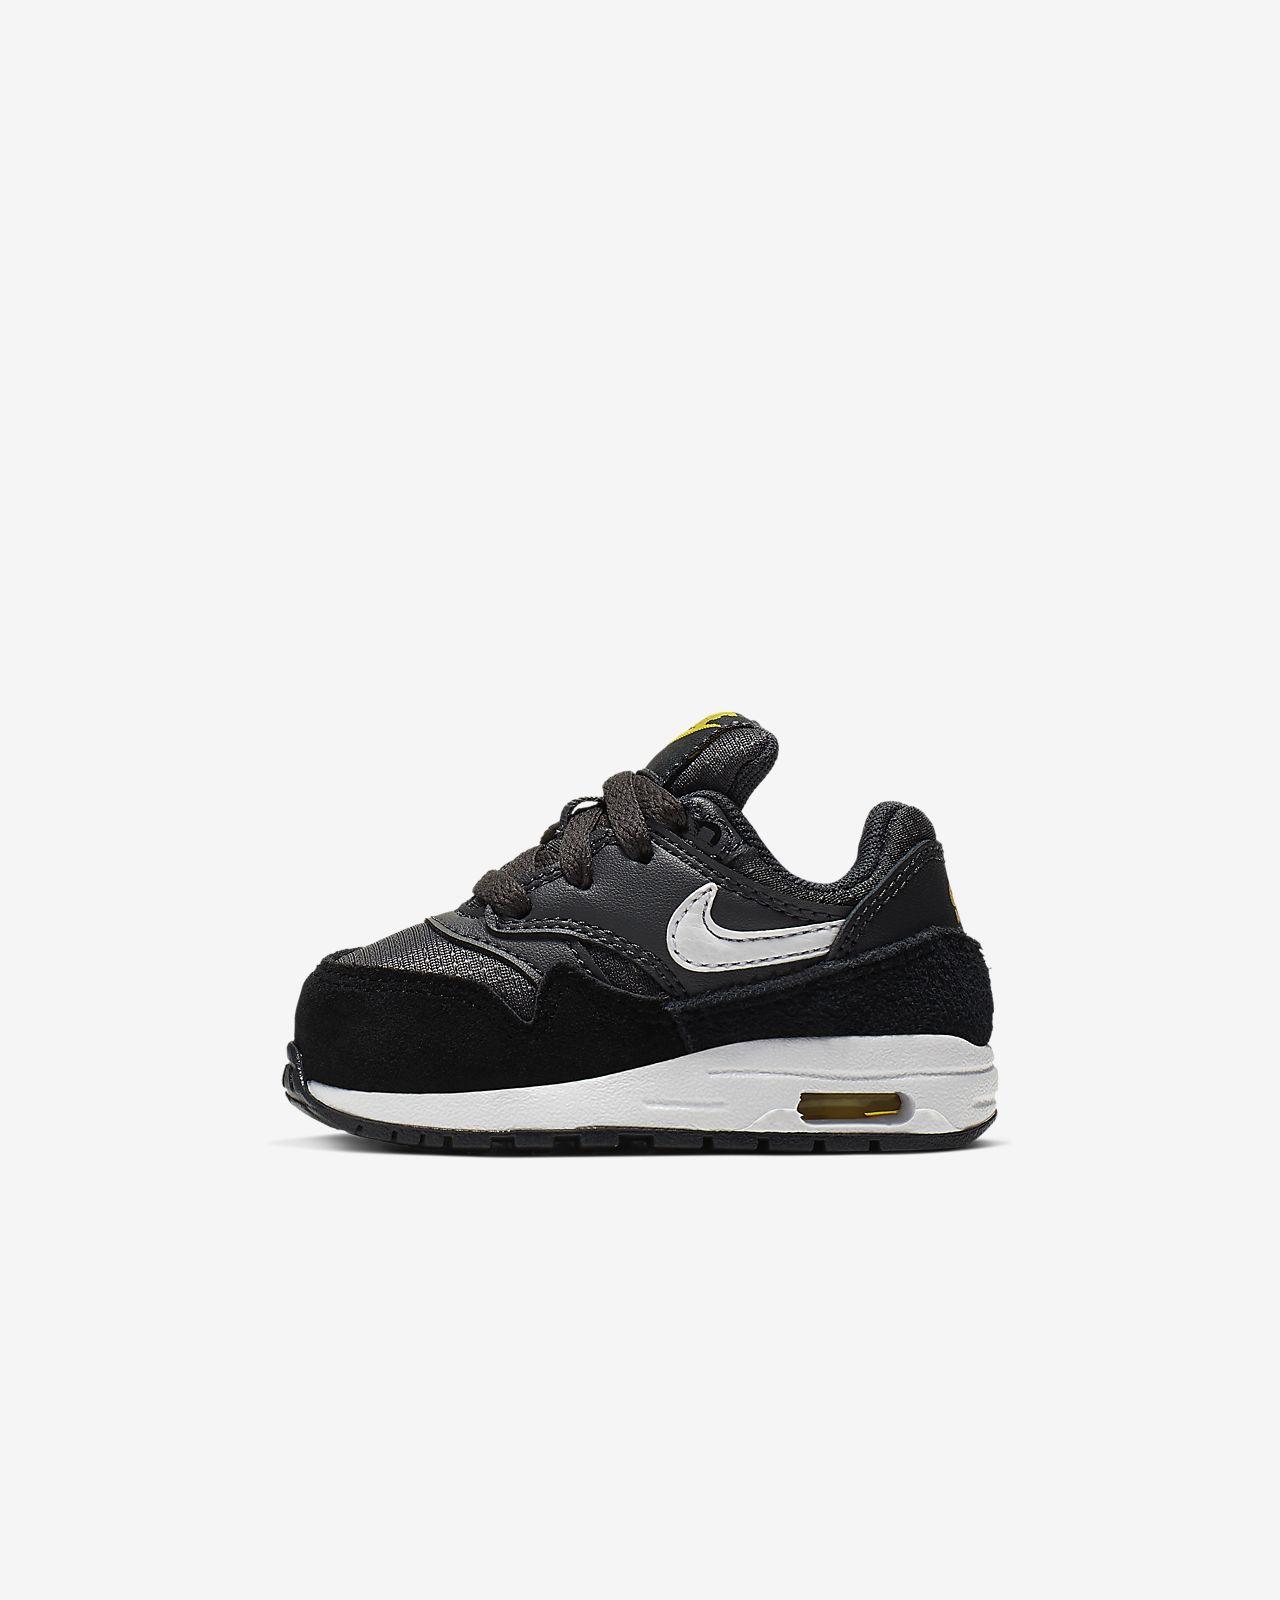 new product 9c501 1c67d ... Chaussure Nike Air Max 1 pour Bébé Petit enfant